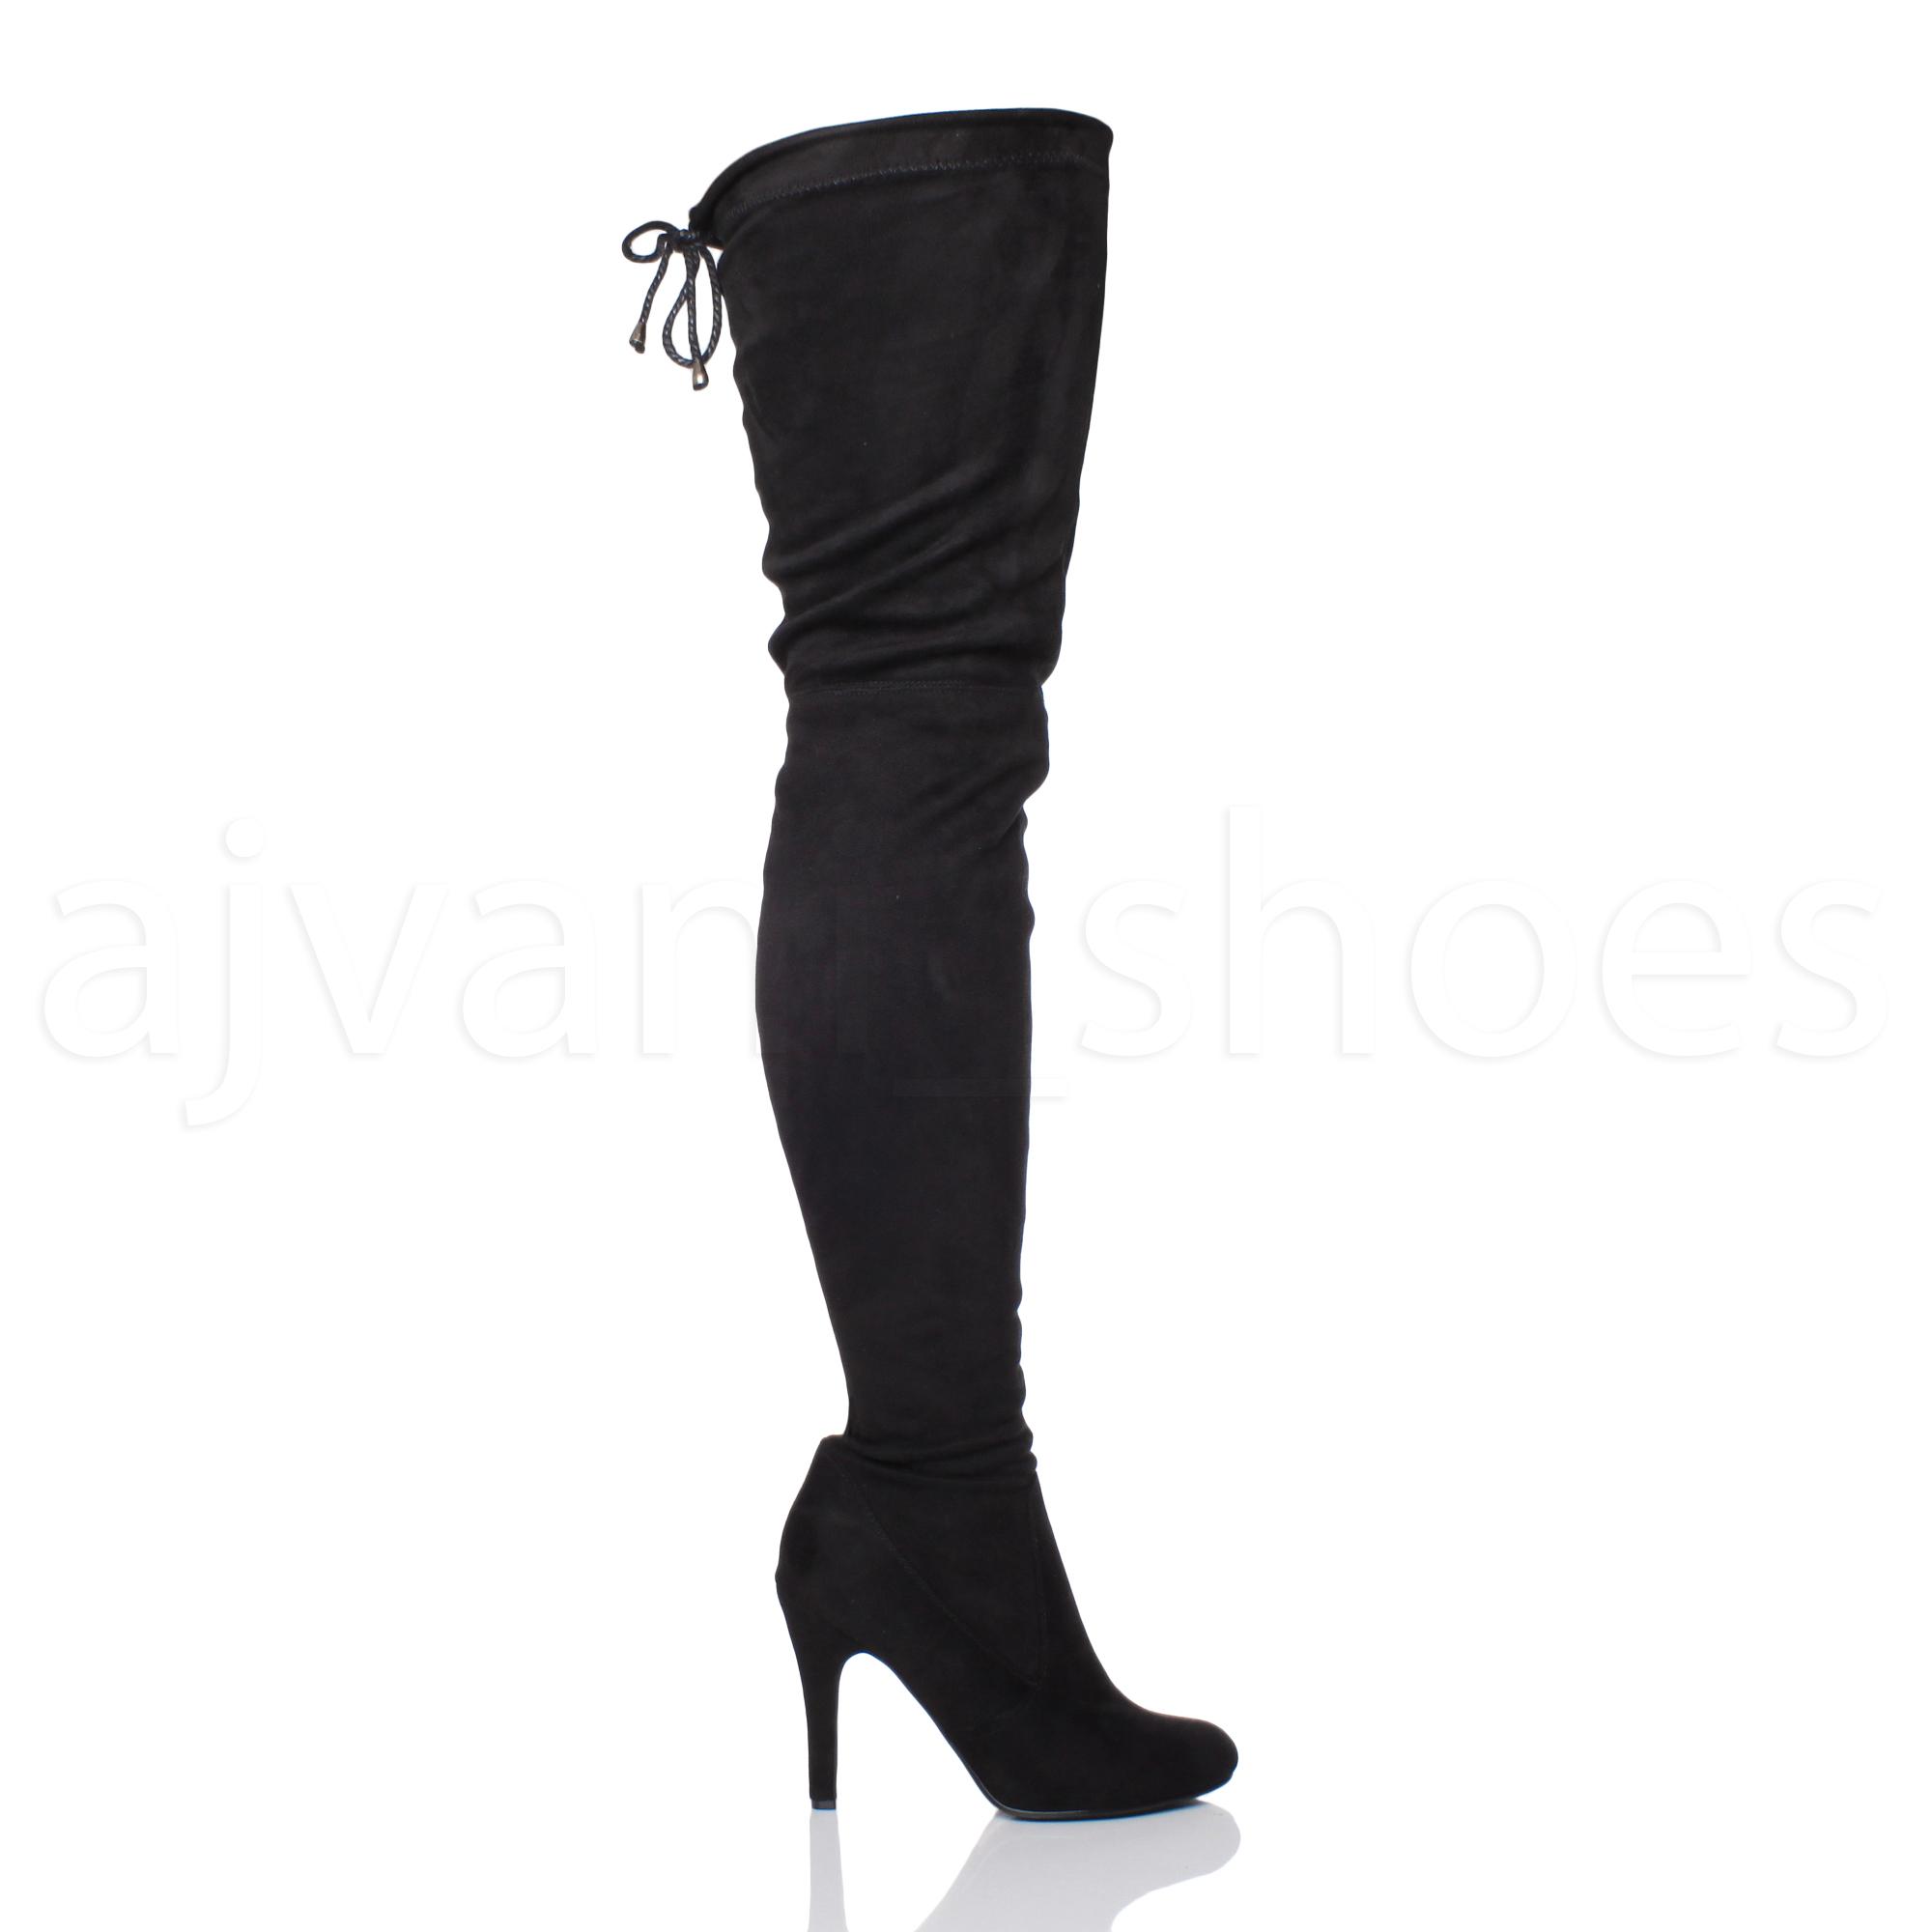 Bottes-Femmes-Talon-Haut-Fermeture-Eclair-Stretch-Cuissardes-Tie-Up-cuissardes-taille miniature 3